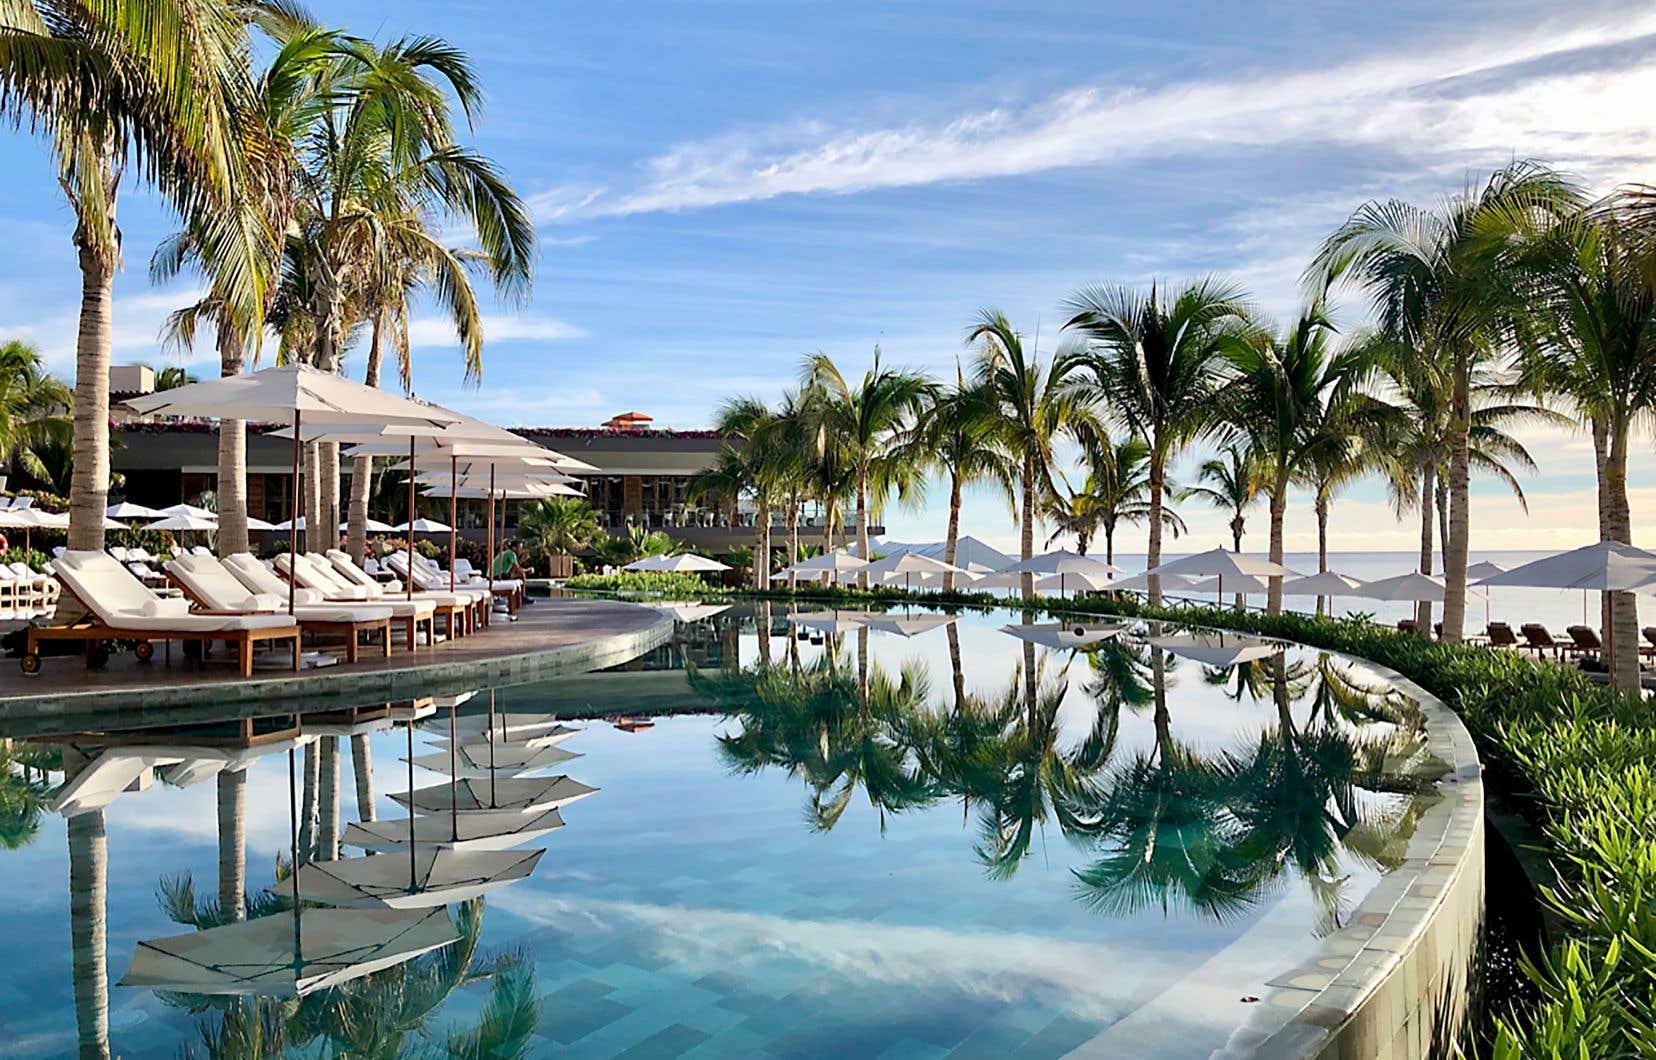 Plaisirs de la table et environnement sont exceptionnels au tout-inclus mexicain Grand Velas Los Cabos.